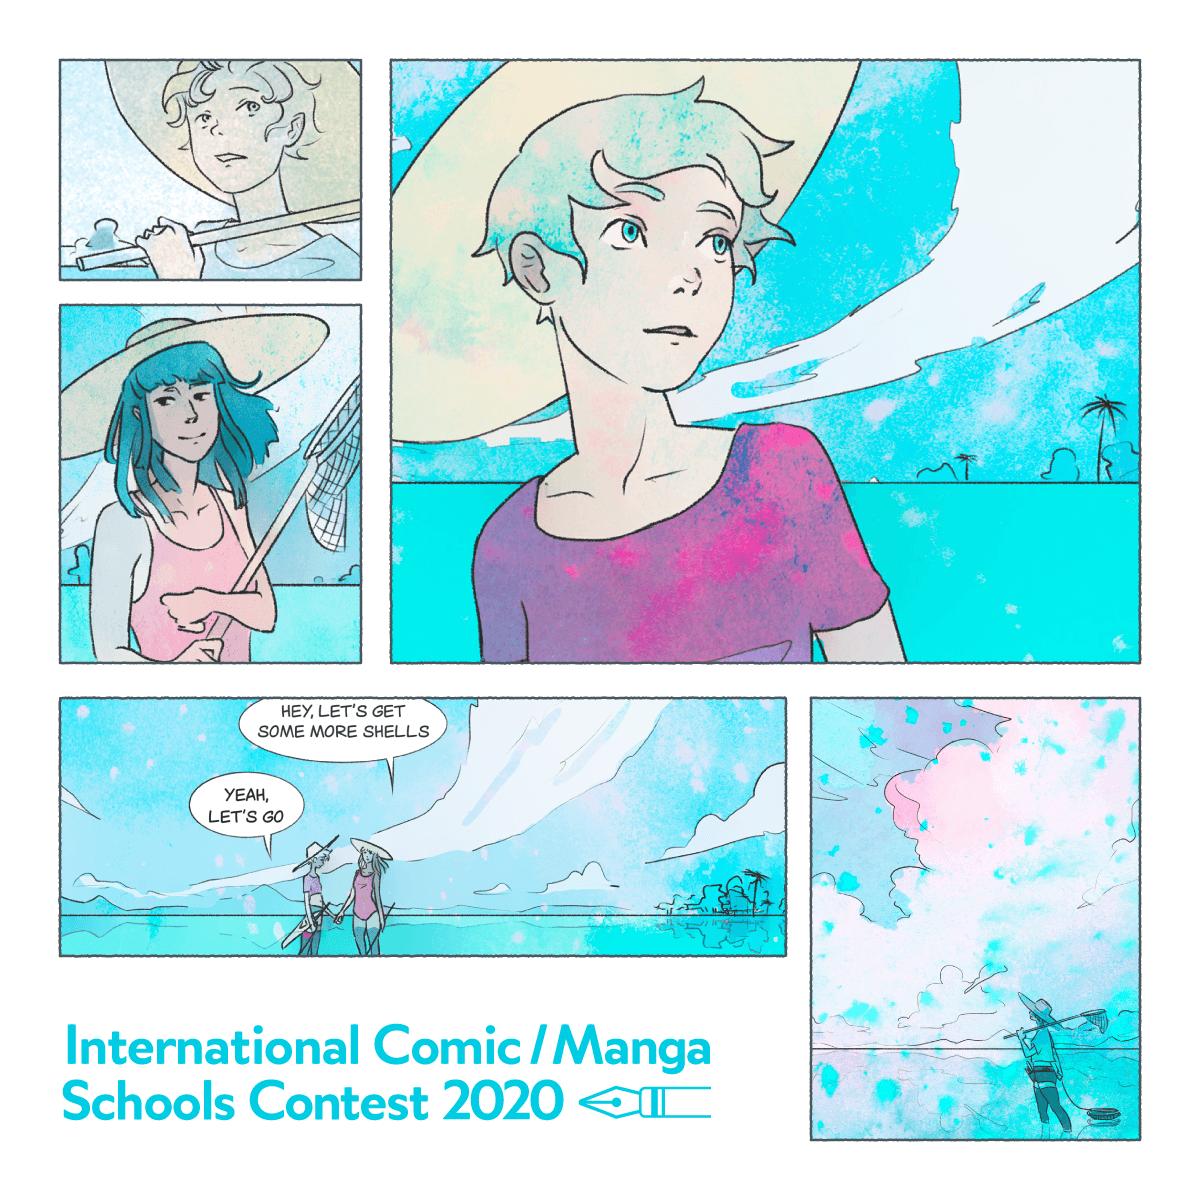 Примите участие в Международном конкурсе комиксов и школ манга 2020! International Comic/Manga Schools Contest 2020. Магазин Wacom в Минске